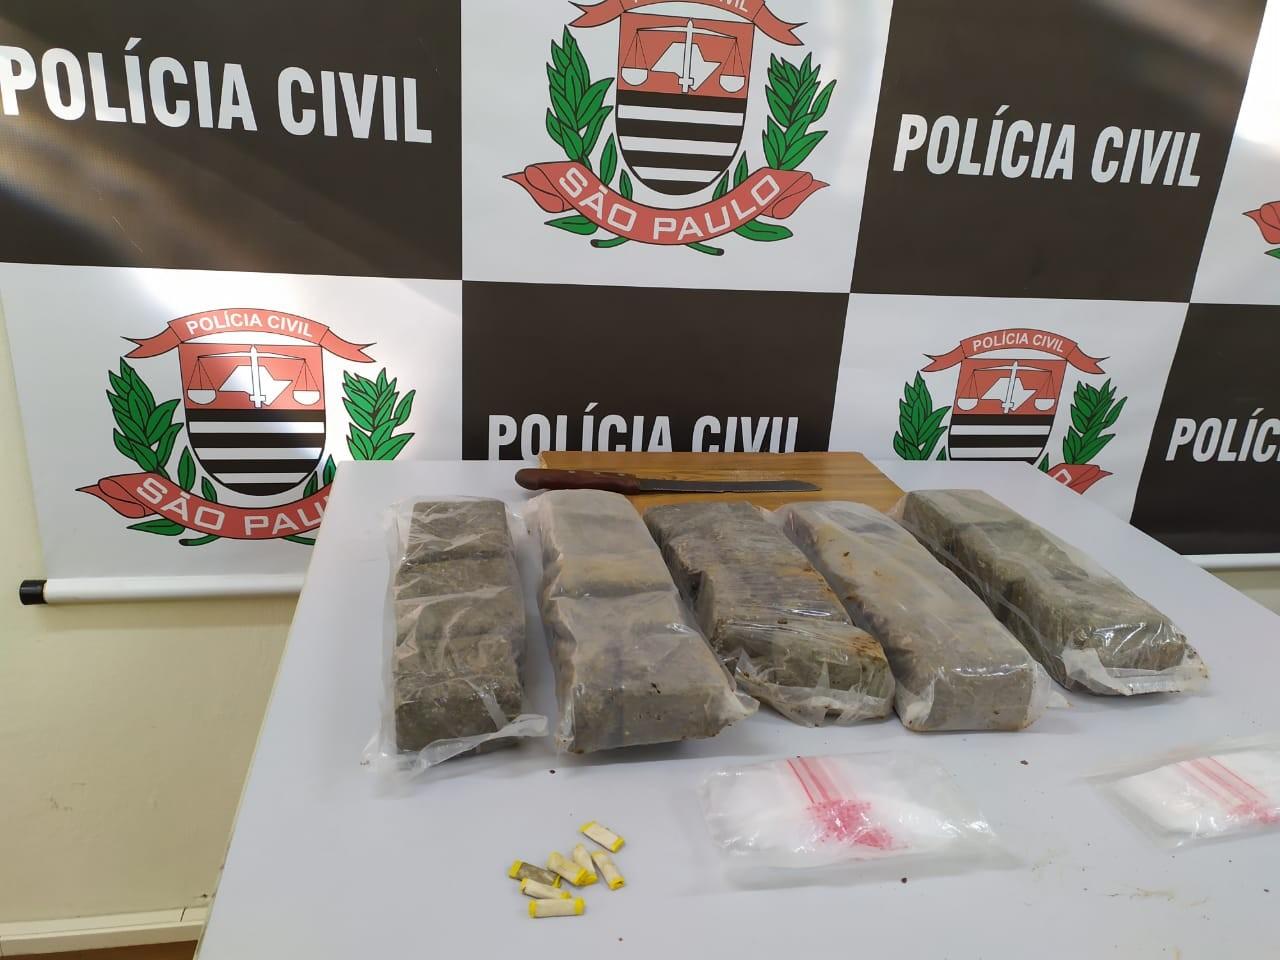 Homem é preso suspeito de tráfico de drogas na Vila Formosa, em Campinas - Notícias - Plantão Diário